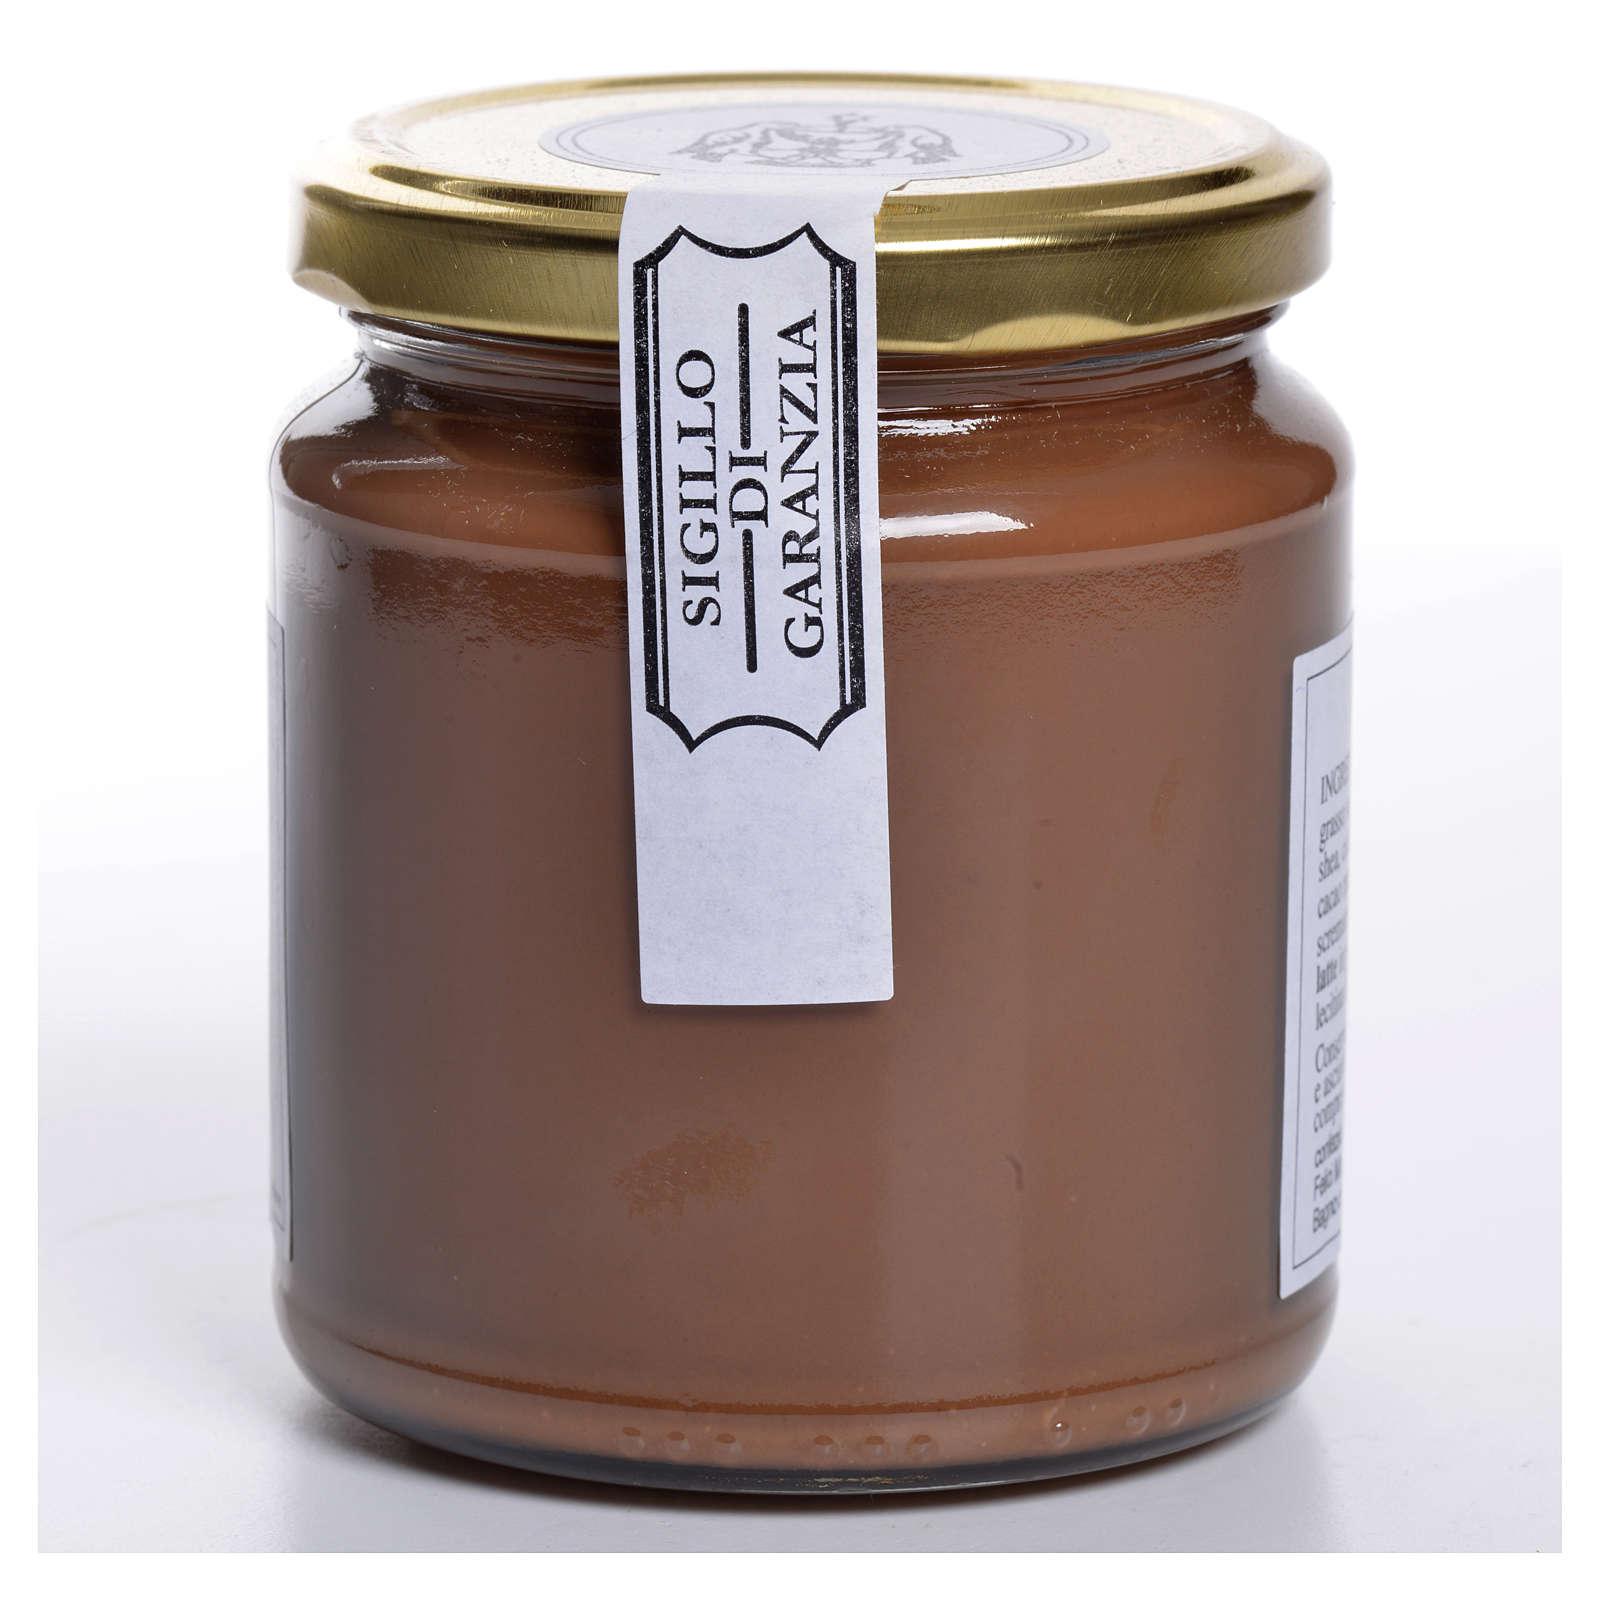 Crème de chocolat aux noisettes 300g Camaldoli 3